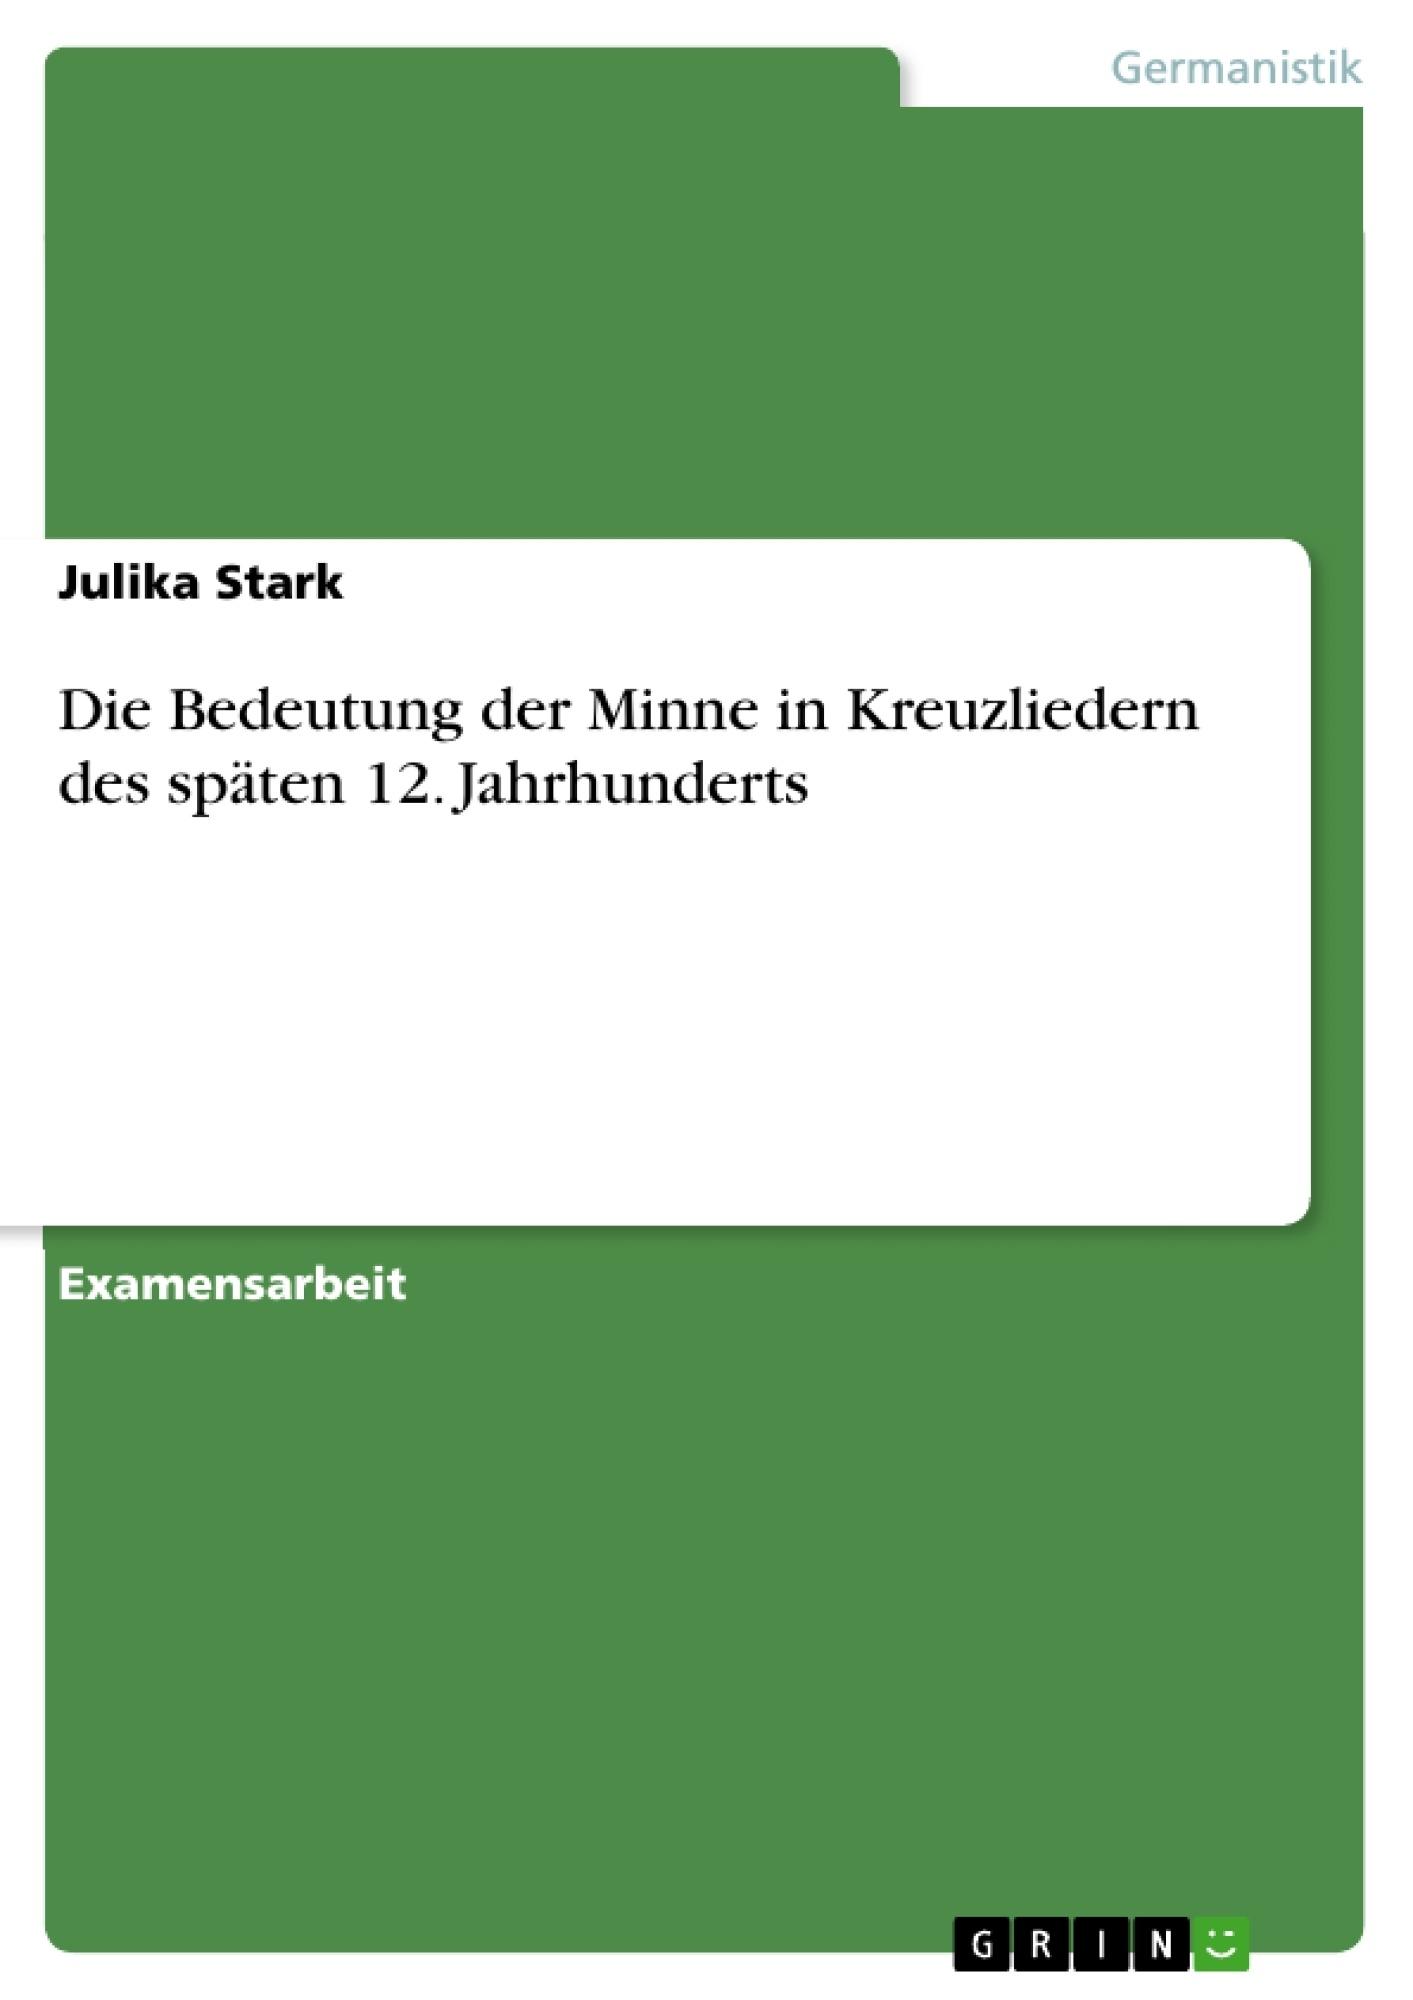 Titel: Die Bedeutung der Minne in Kreuzliedern des späten 12. Jahrhunderts